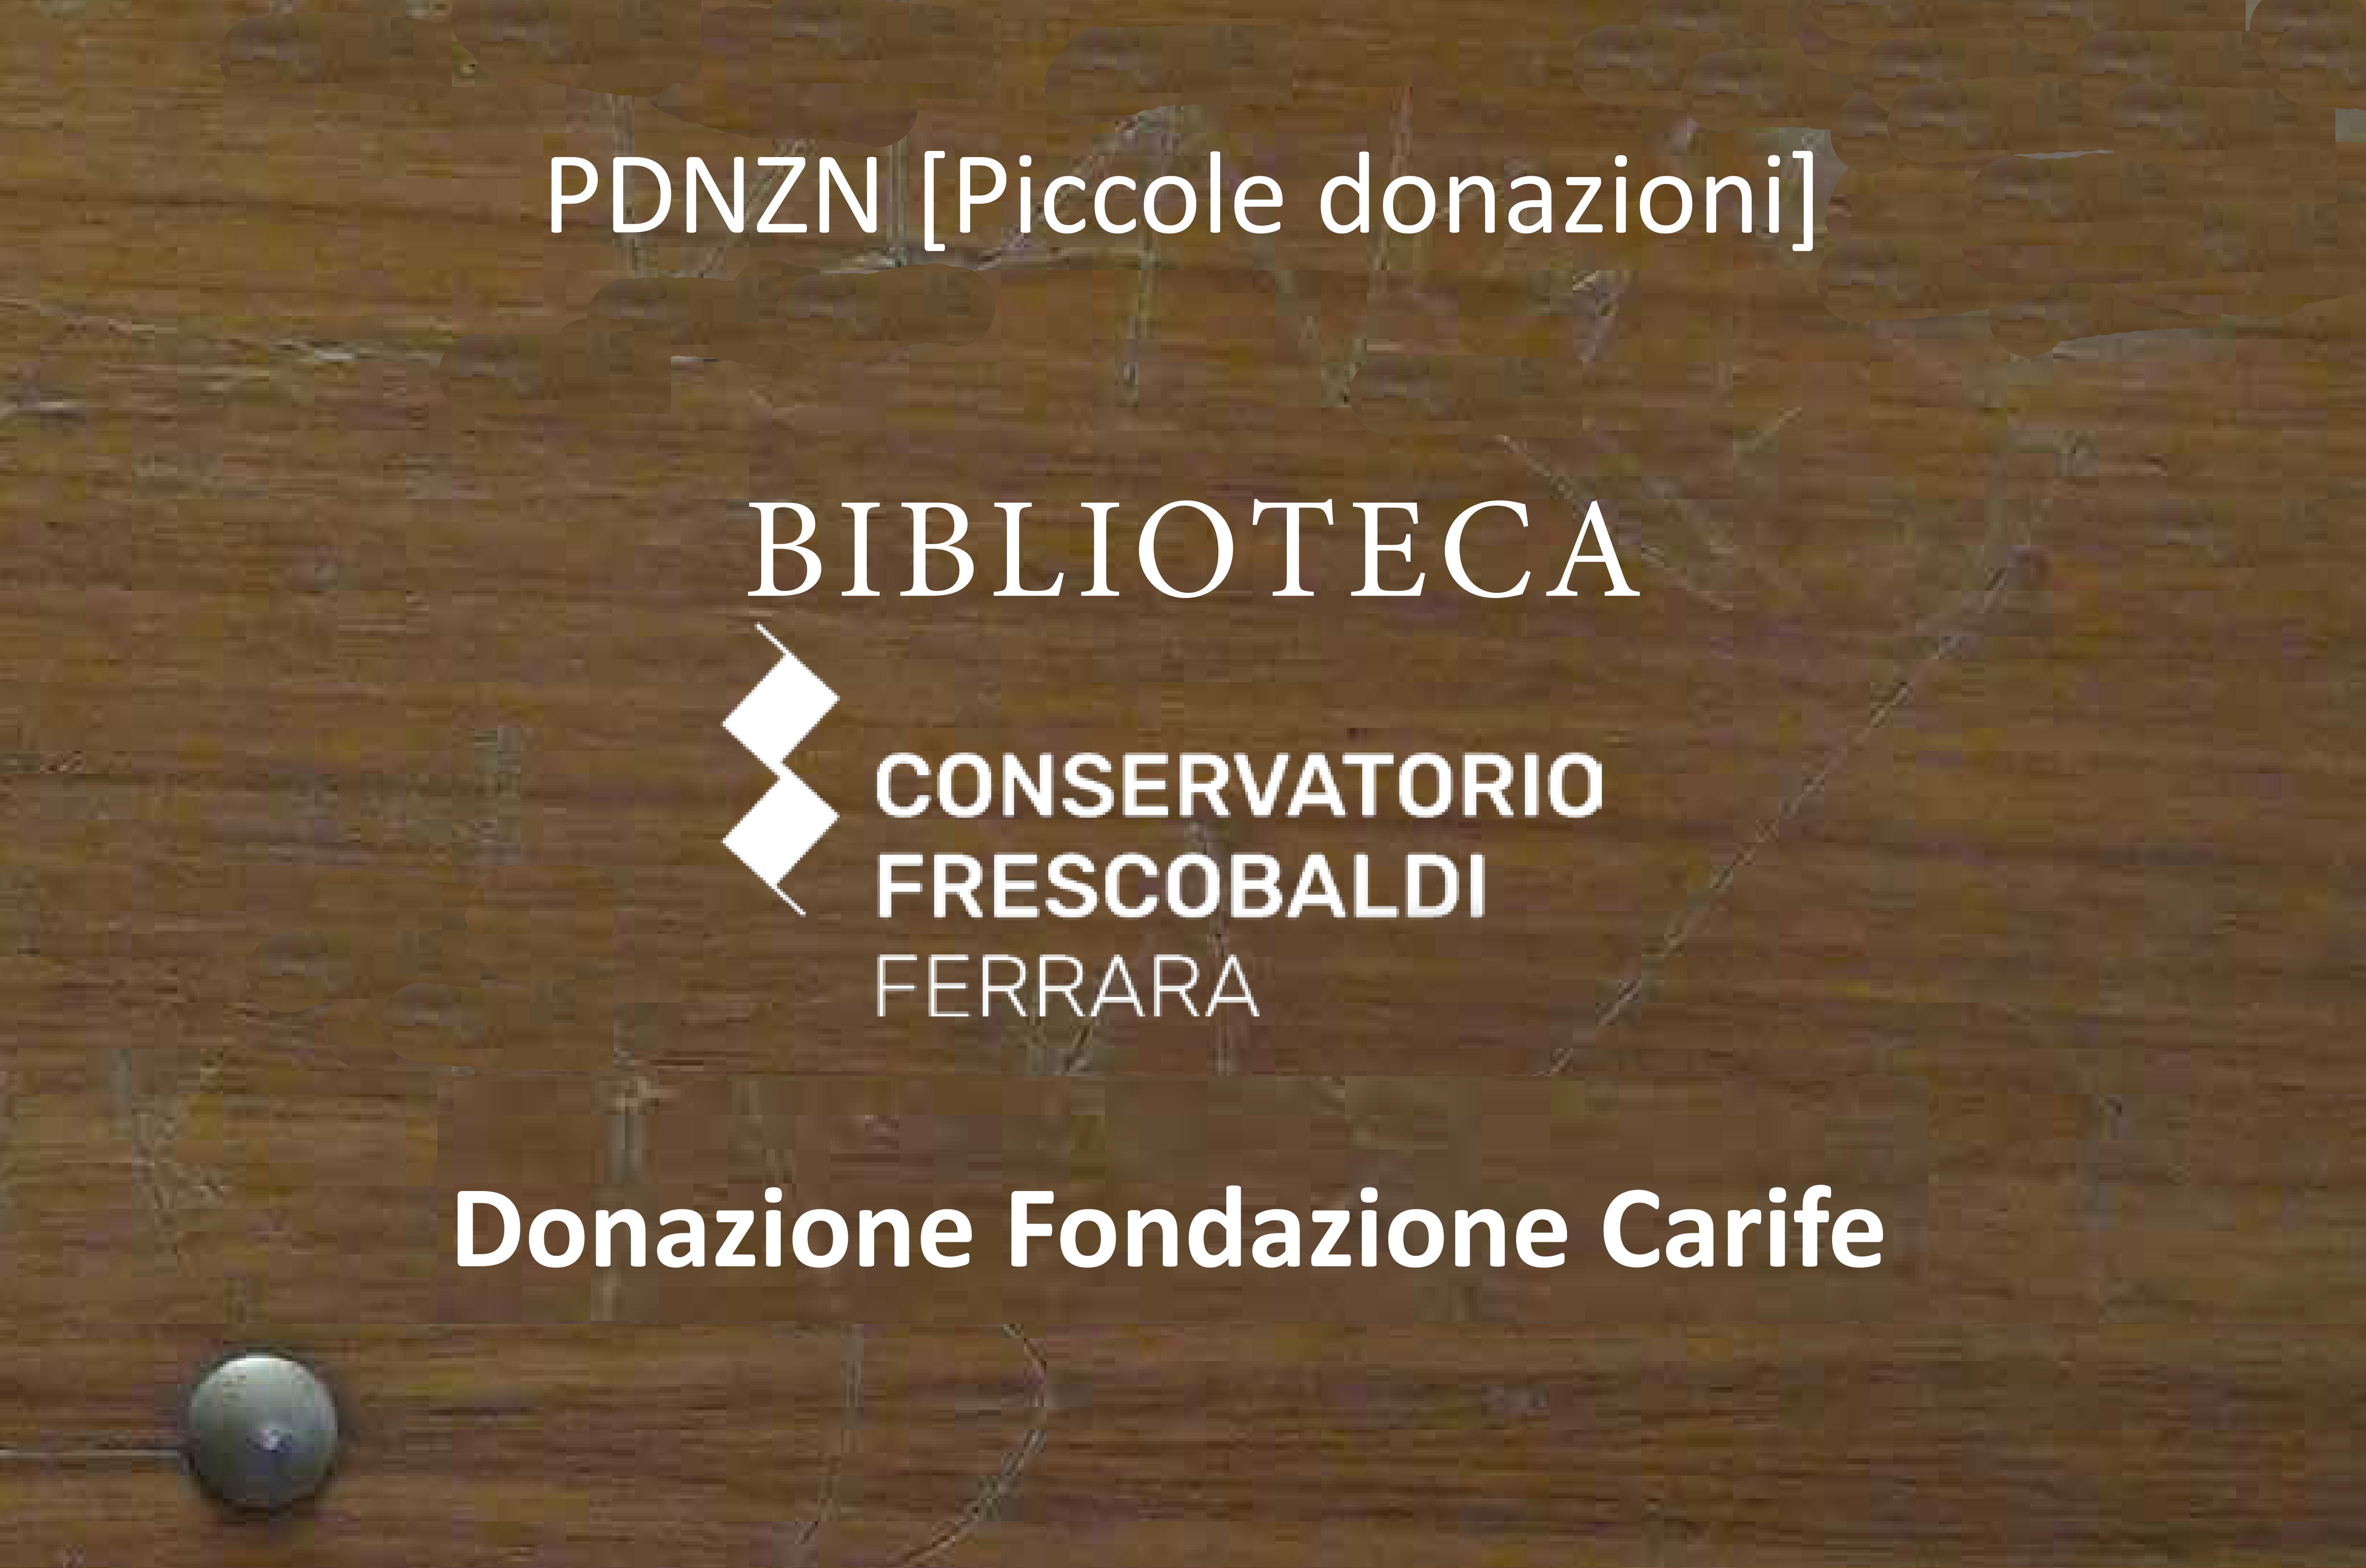 Donazione Carife